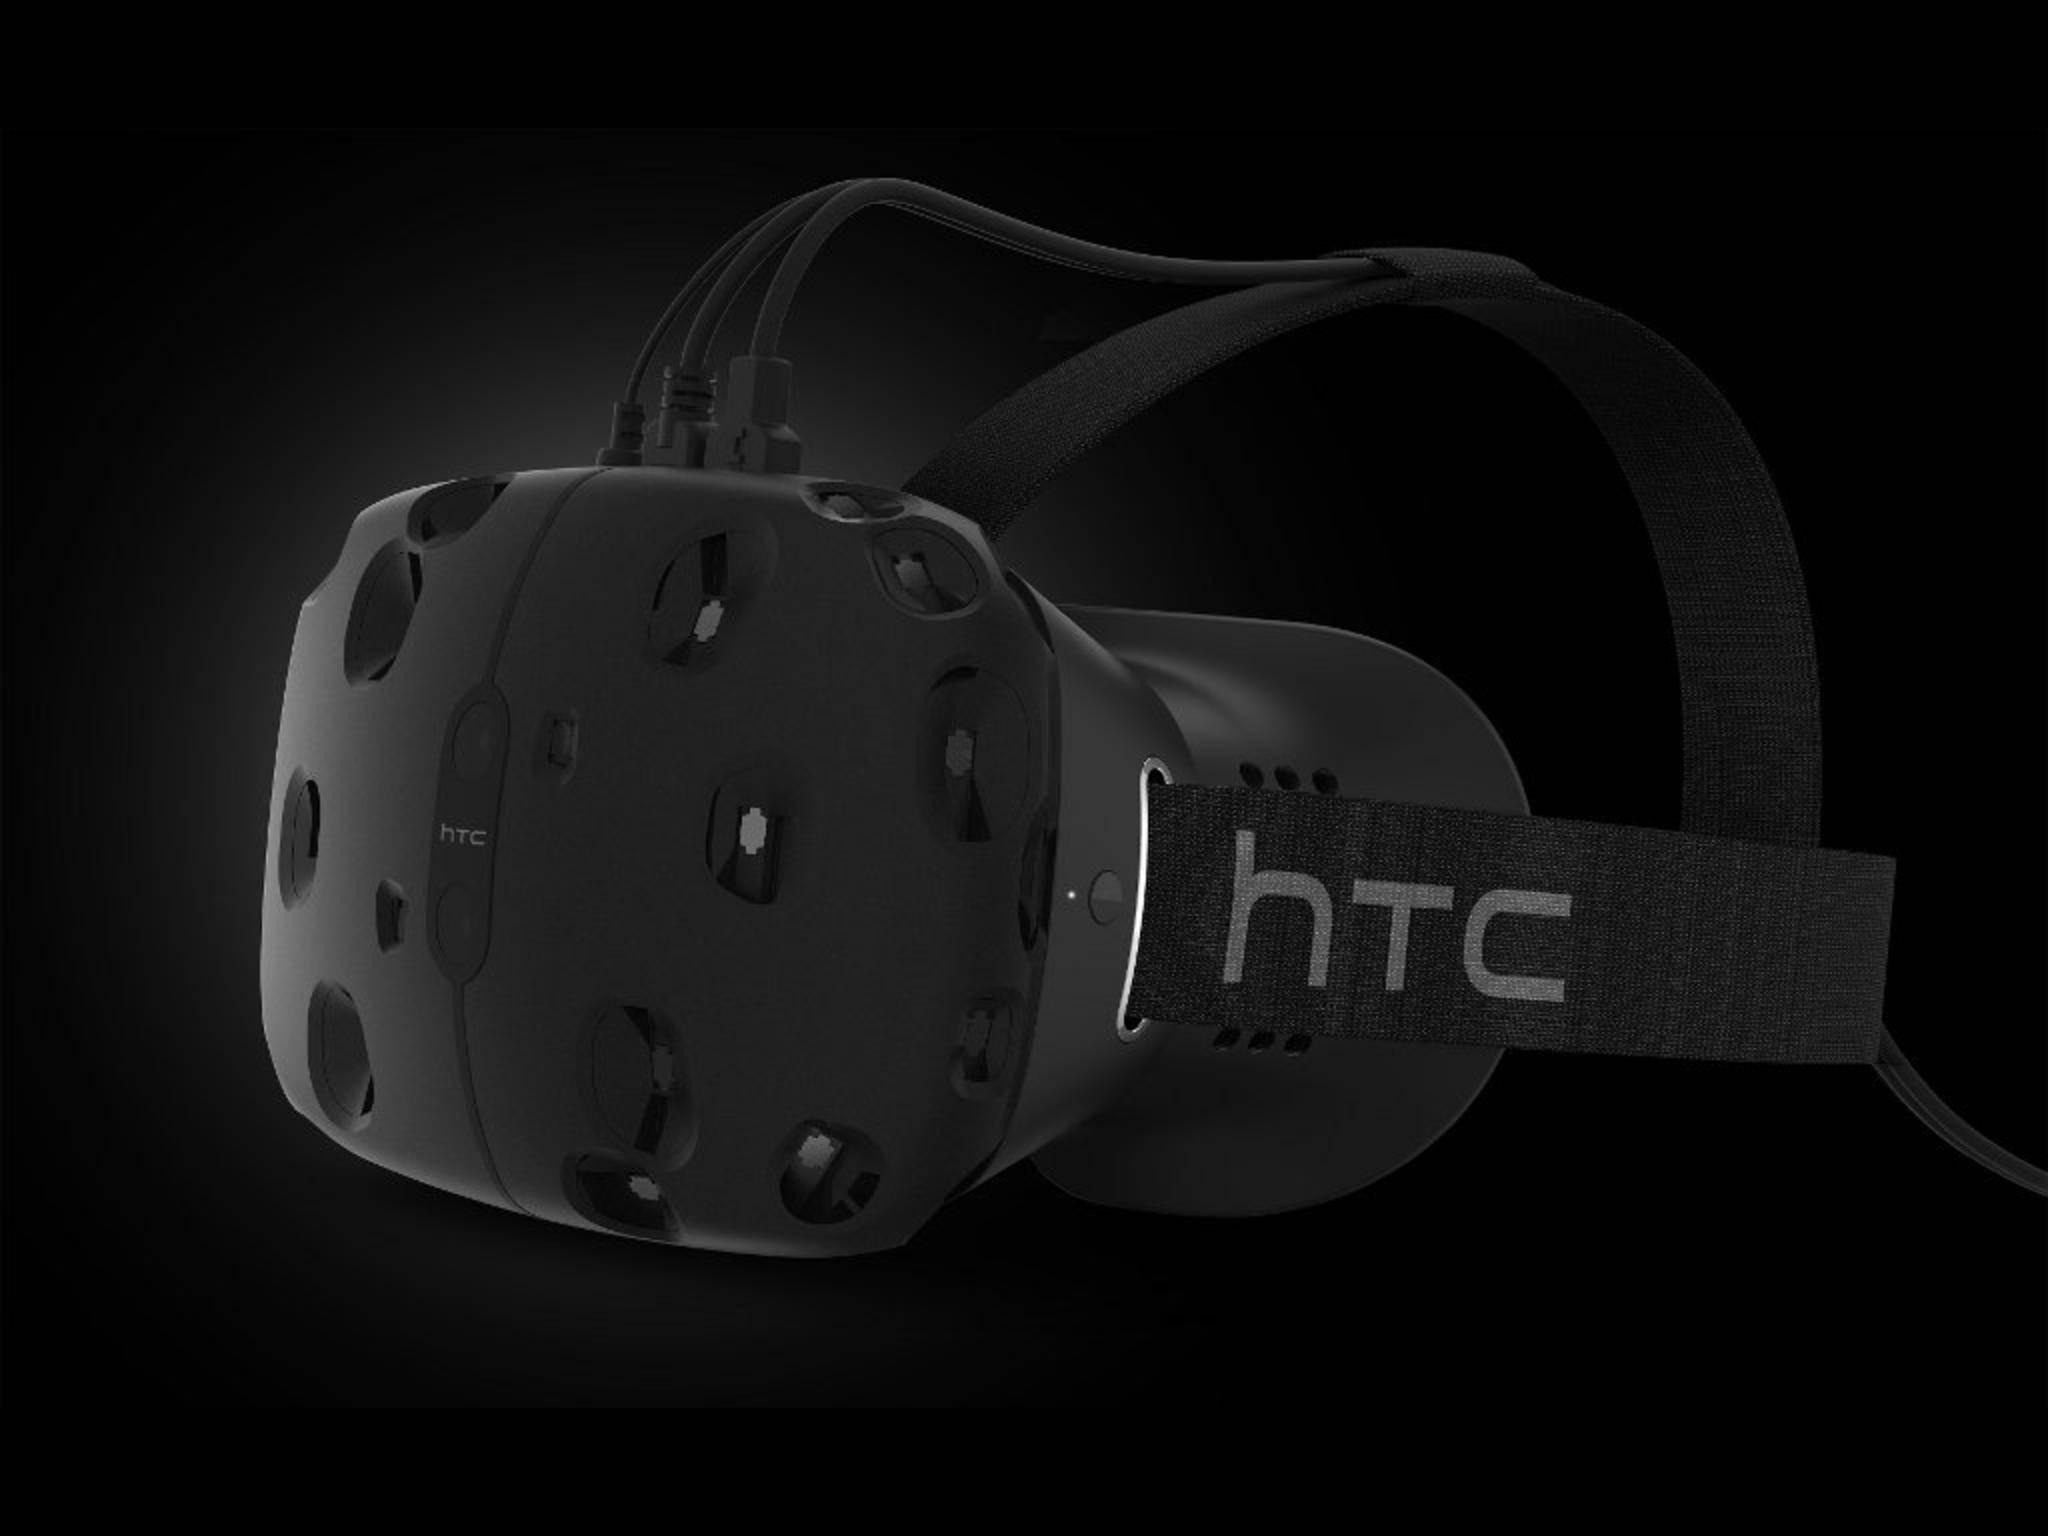 Die HTC Vive kann ab 29. Februar vorbestellt werden.